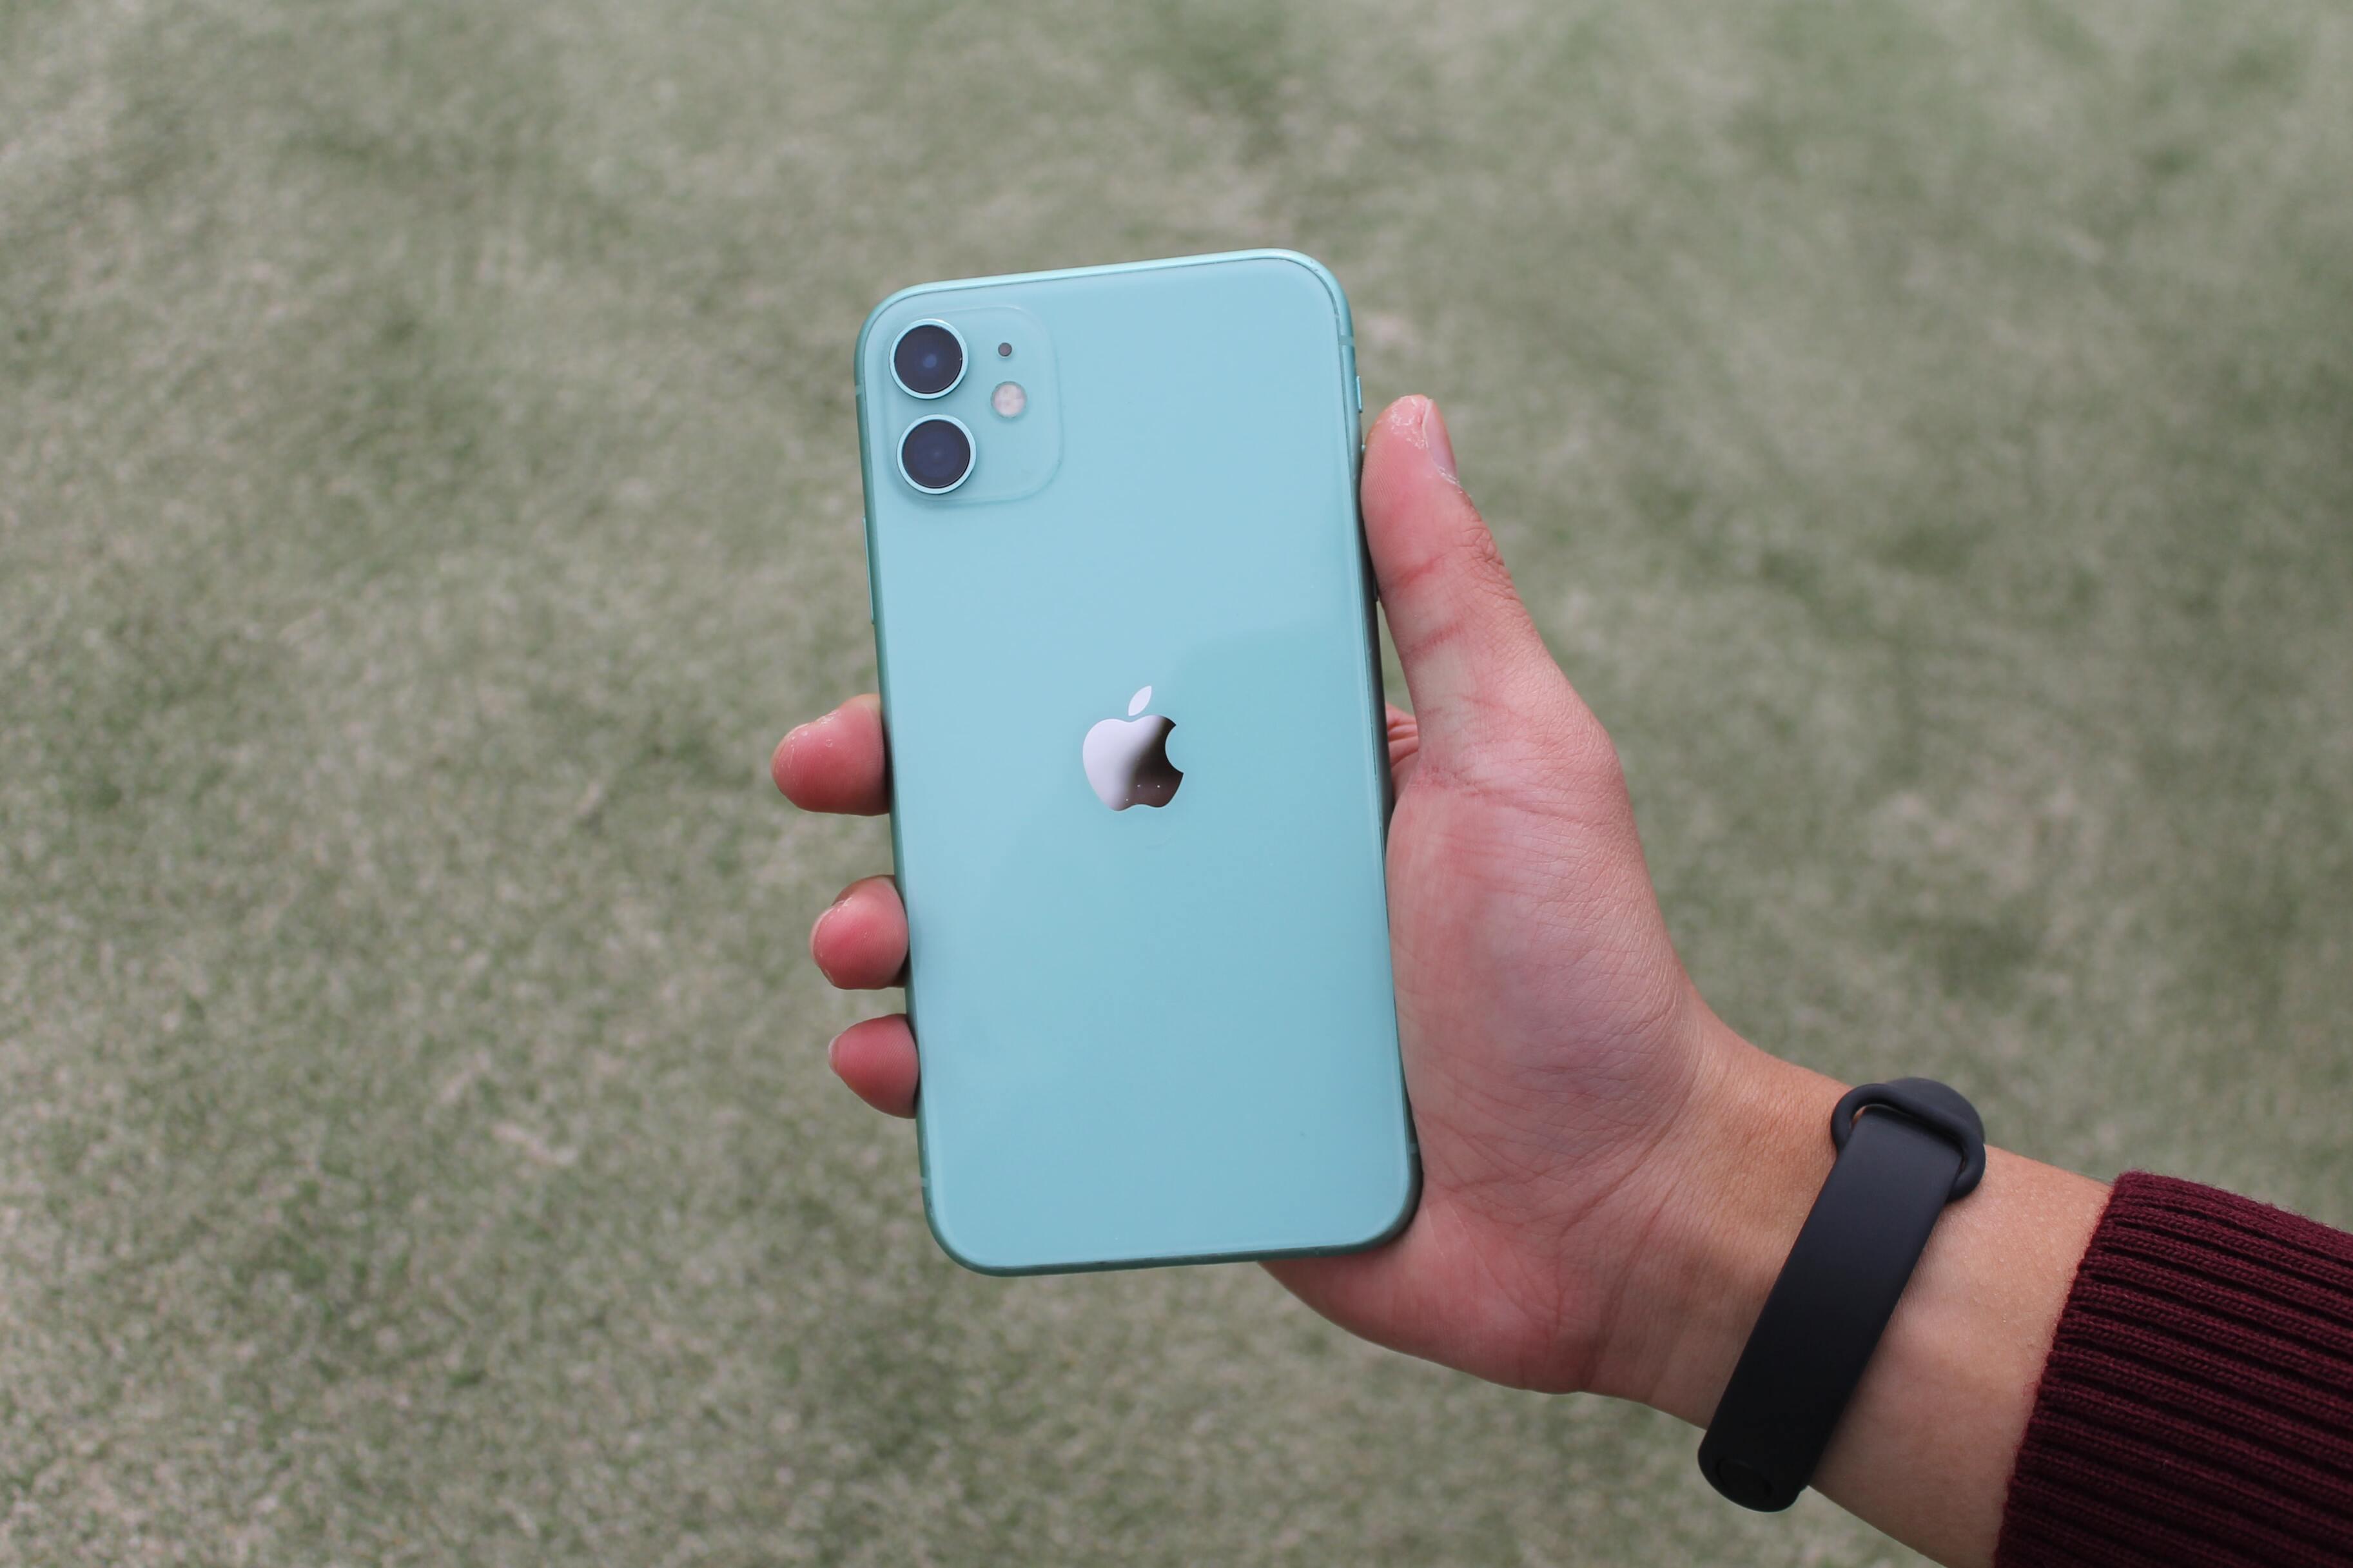 Названы цены старых iPhone на «Авито»